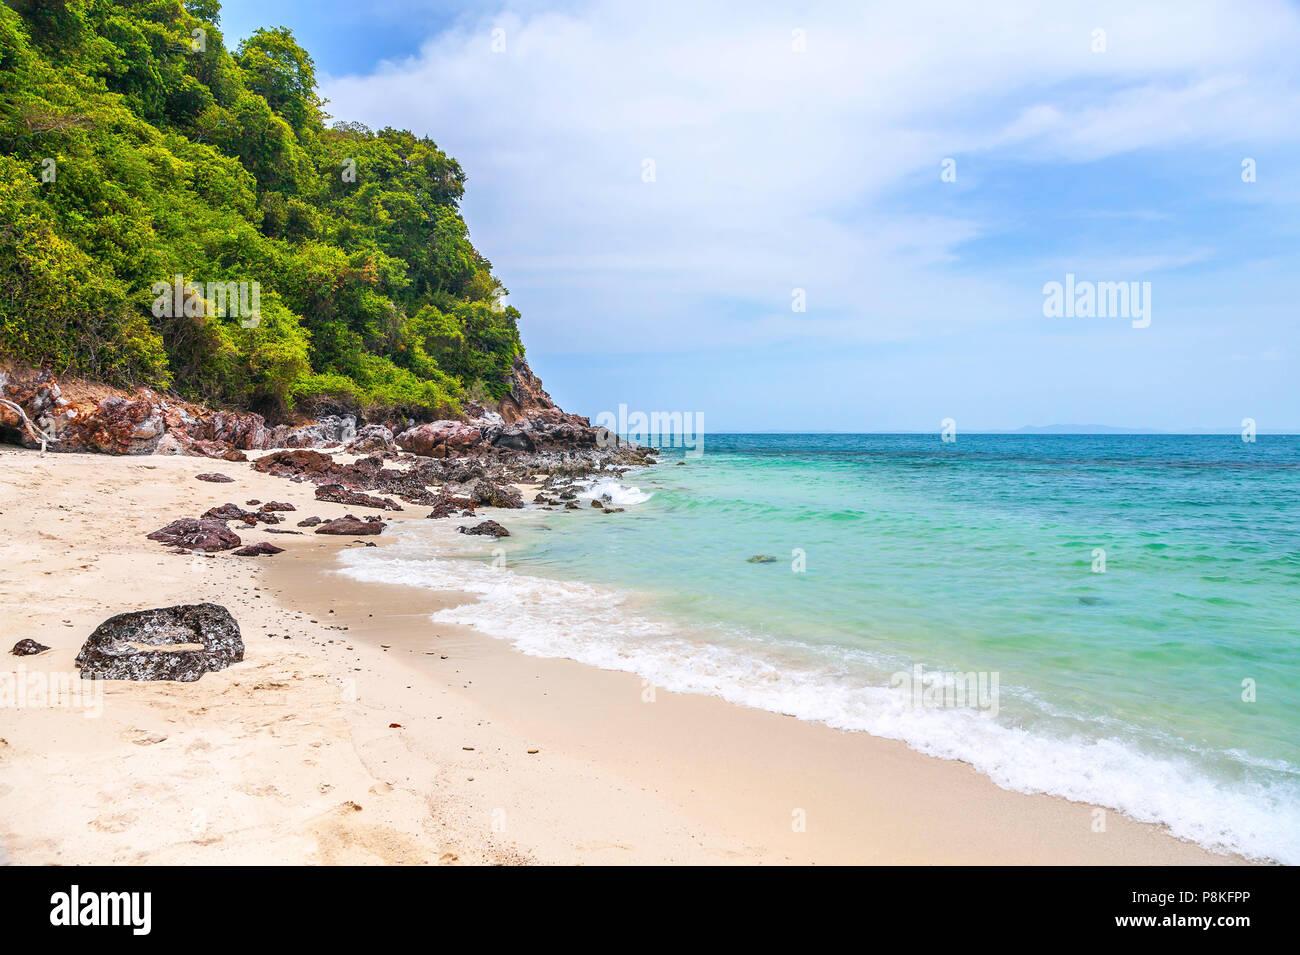 Una bellissima spiaggia di sabbia in Thailandia. Immagini Stock